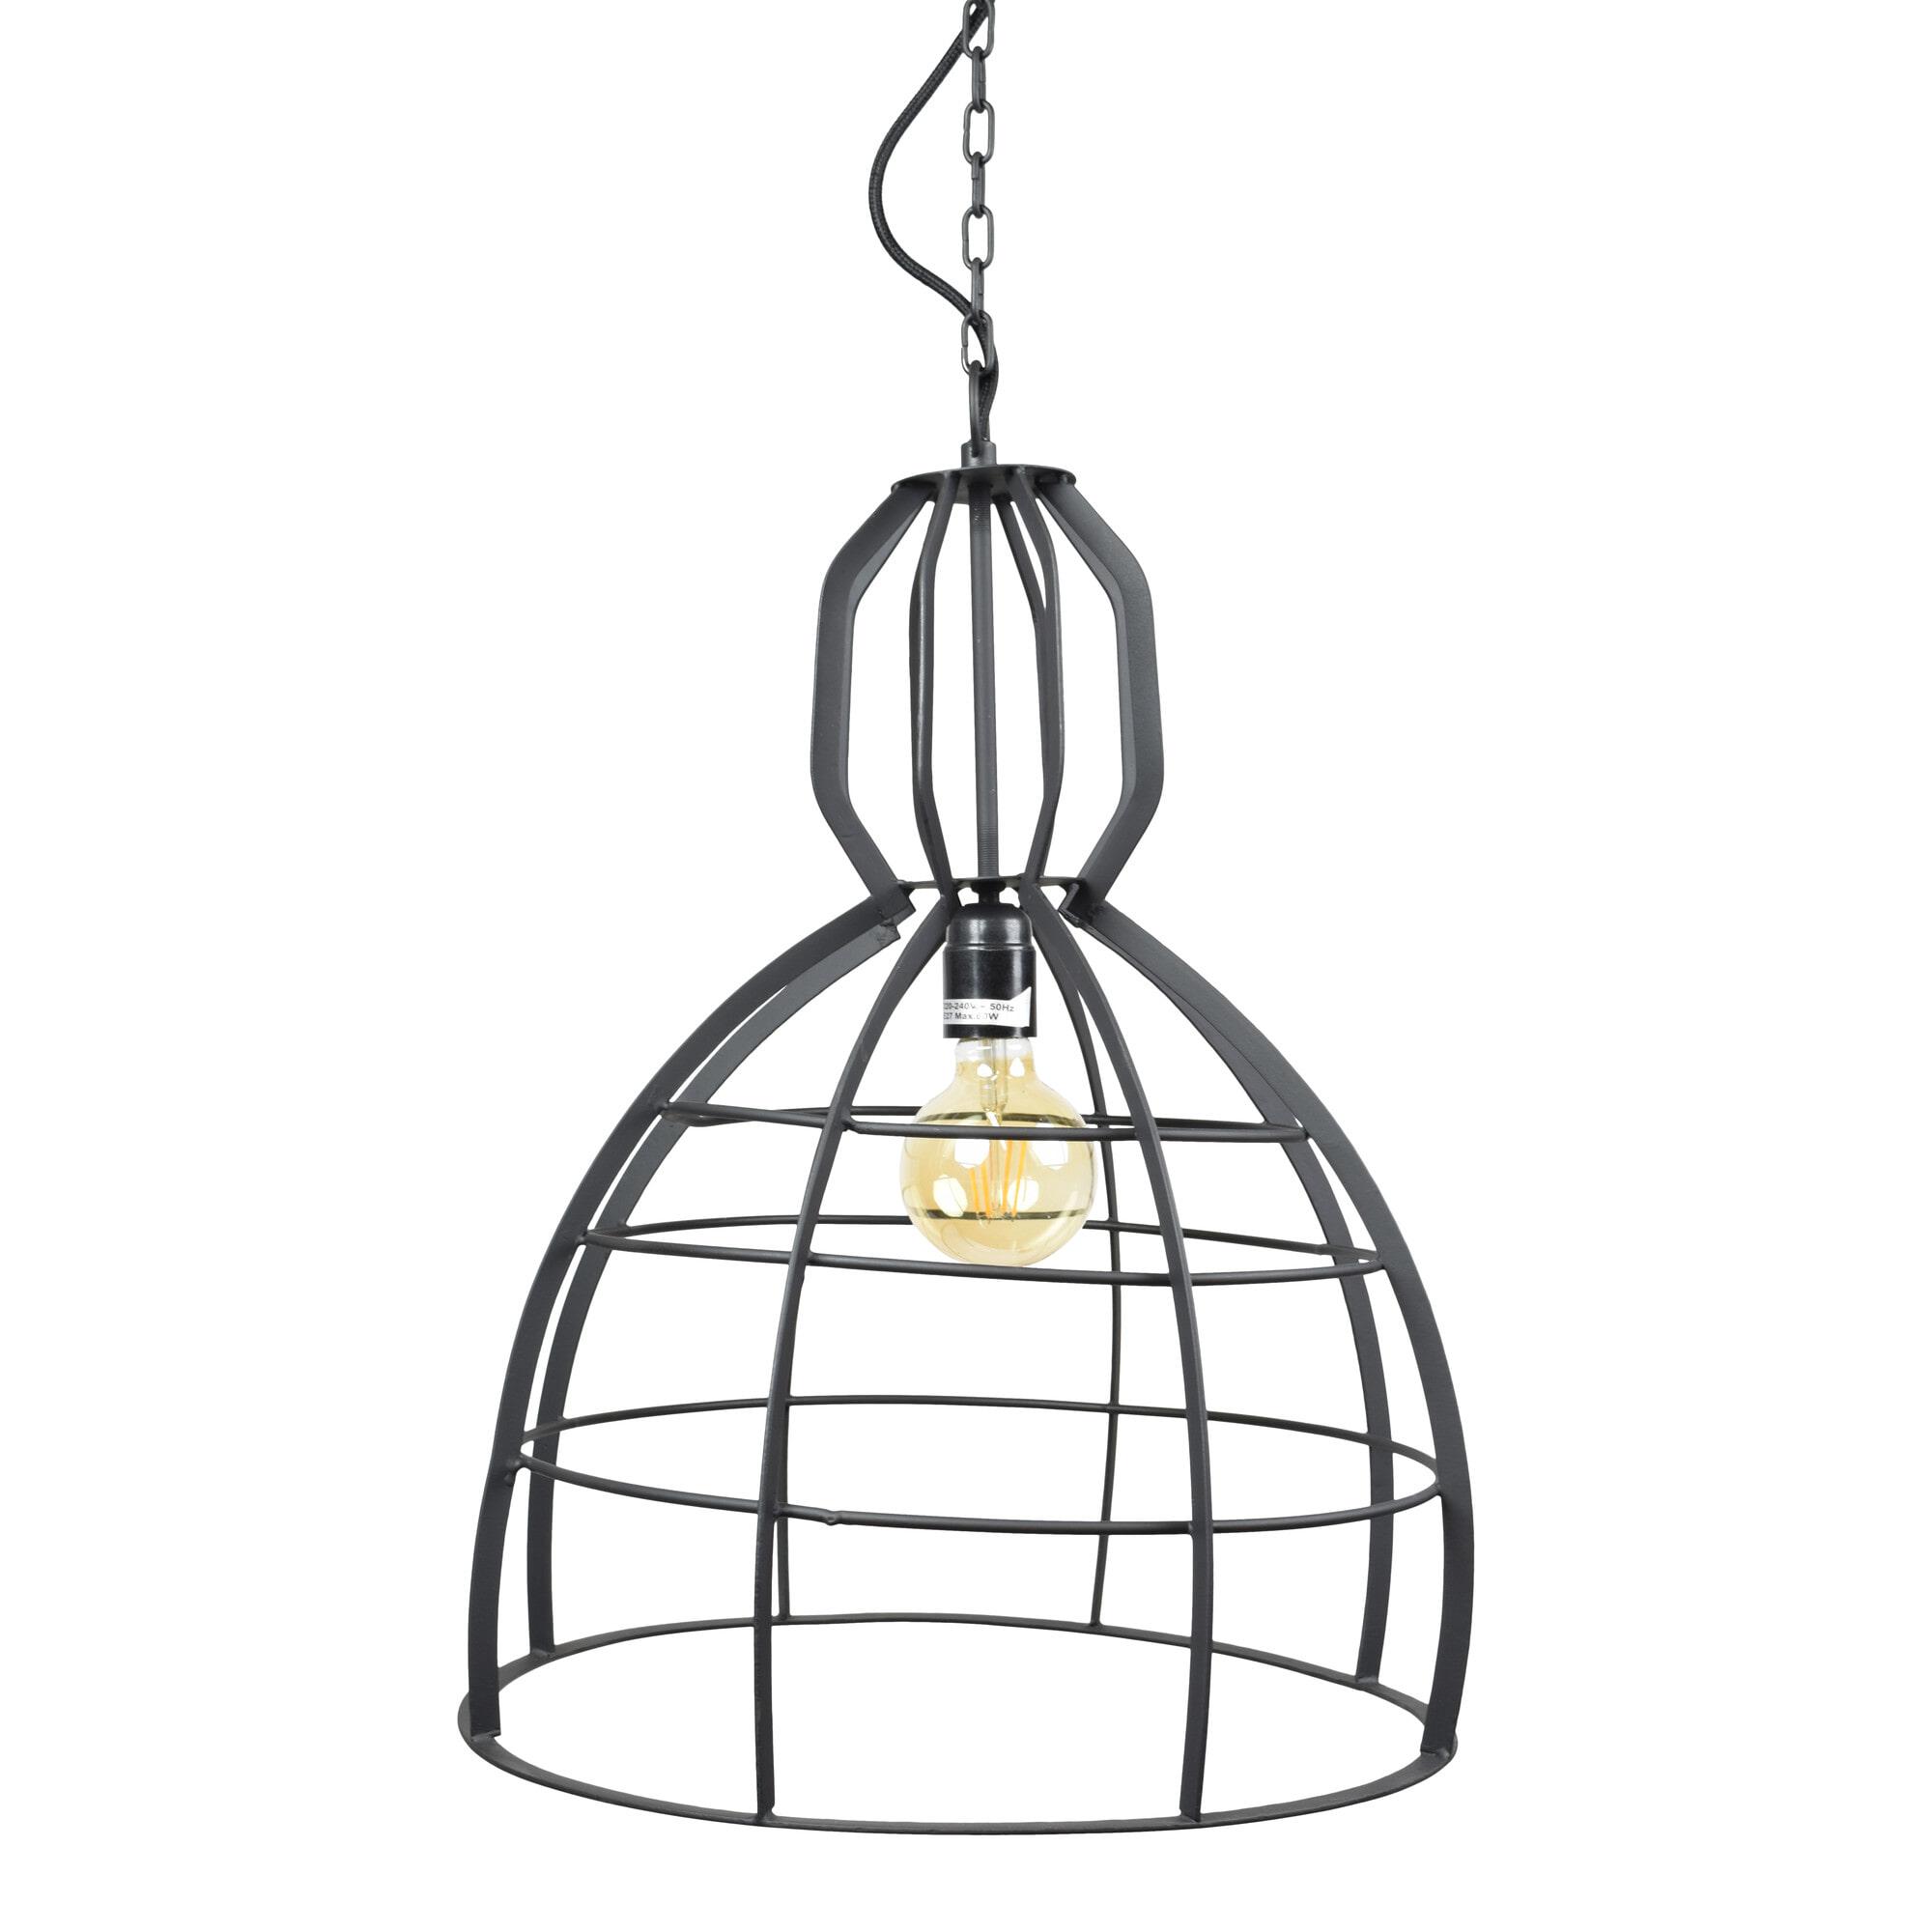 Urban Interiors hanglamp 'Scandic' 40cm, kleur Vintage Black Verlichting | Hanglampen vergelijken doe je het voordeligst hier bij Meubelpartner